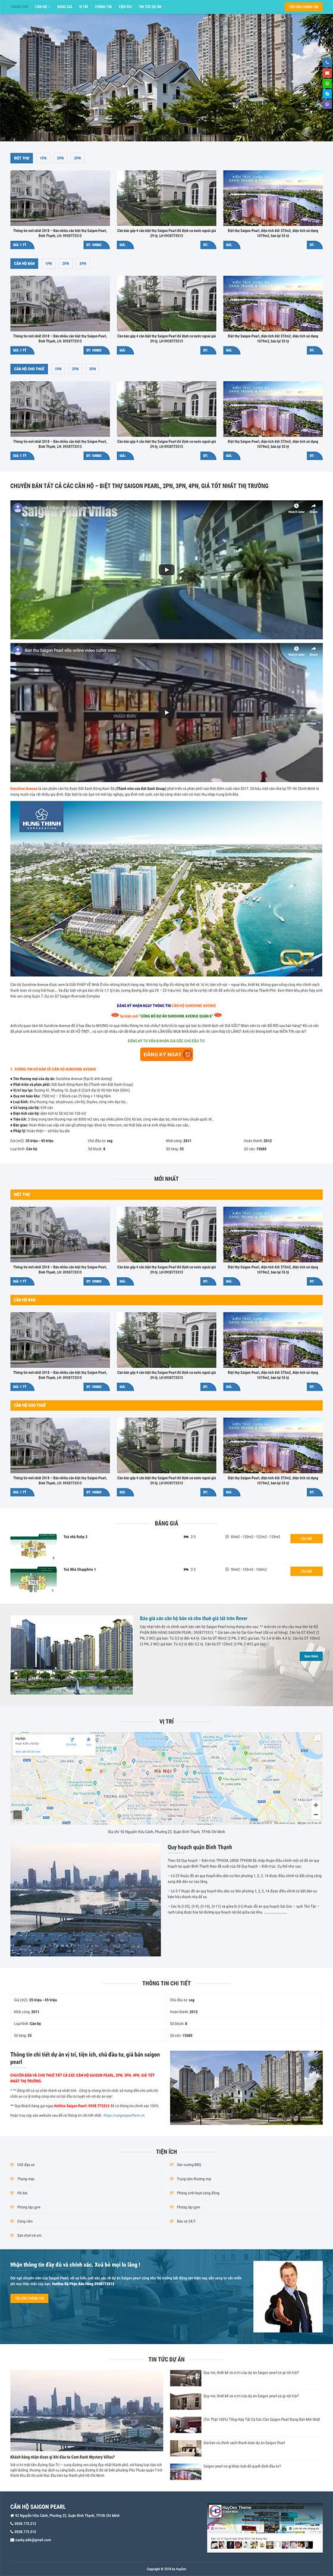 Trang chủ mẫu landing page bất động sản 04